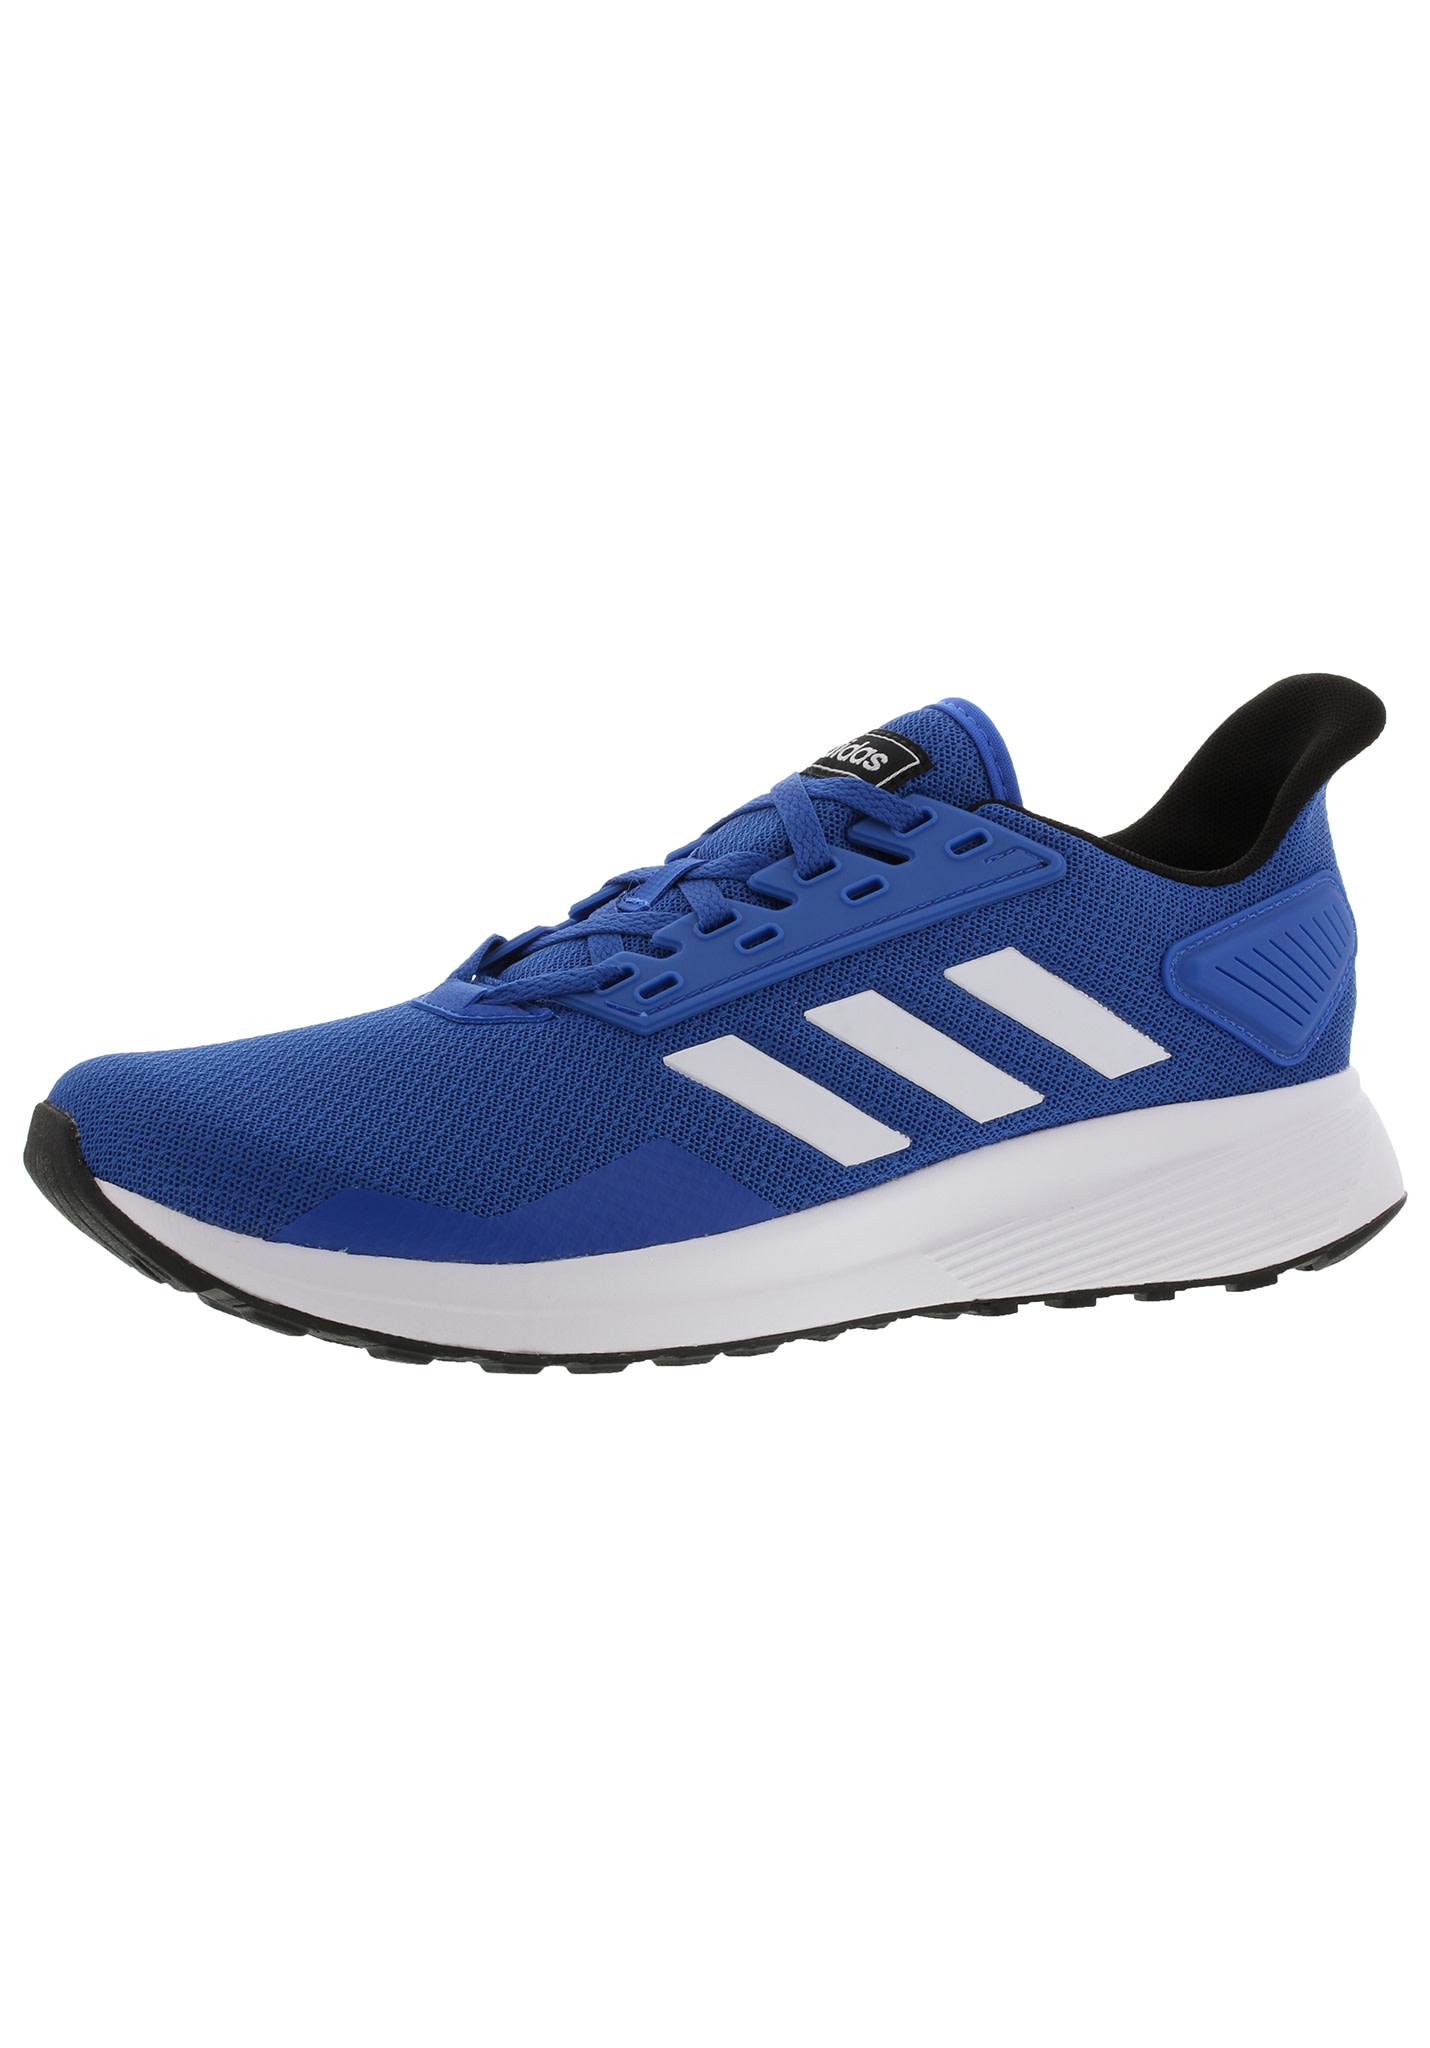 9 De Duramo Azul21run Adidas Zapatillas Hombre Para Running WDH29EebYI